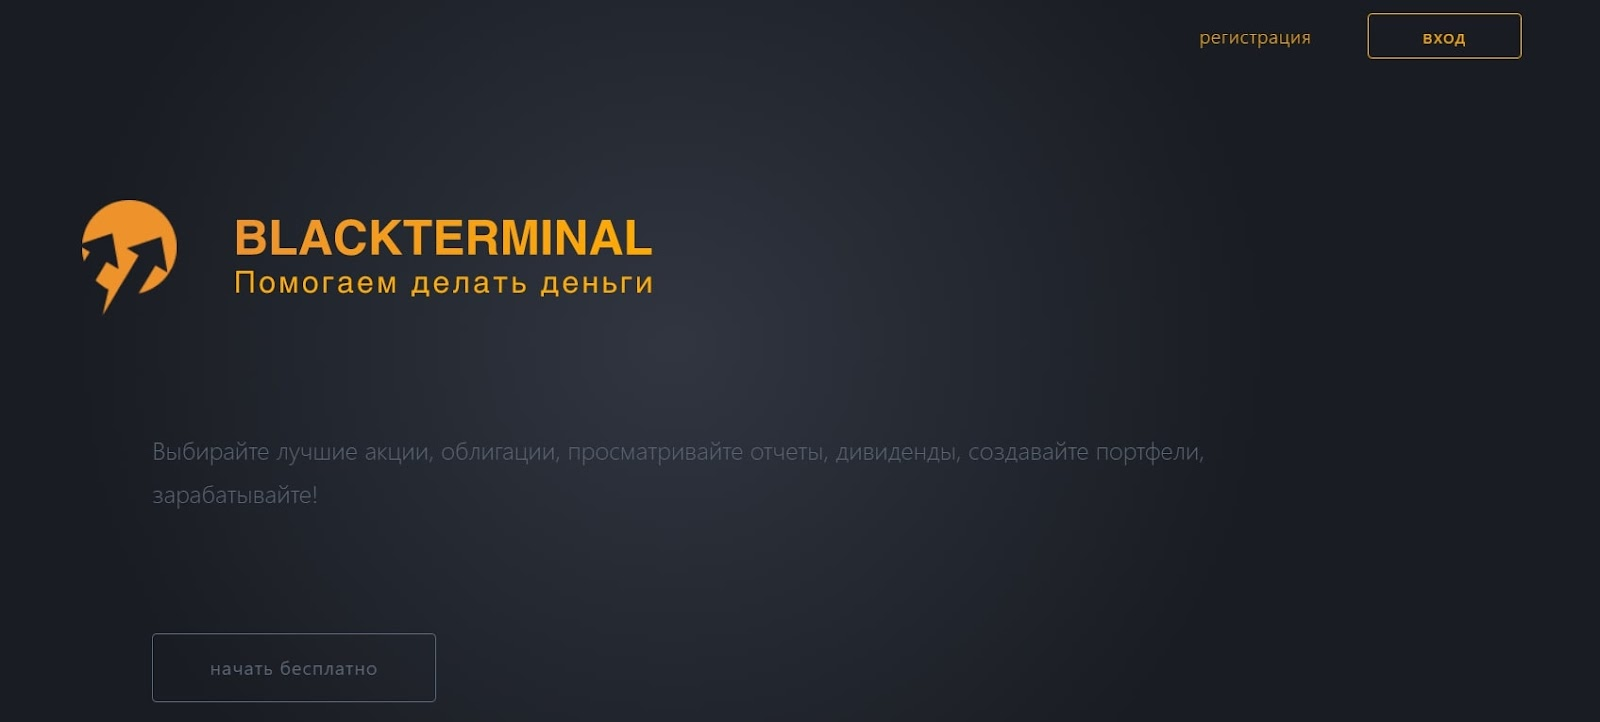 Black Terminal: отзывы реальных клиентов и экспертный обзор условий реальные отзывы